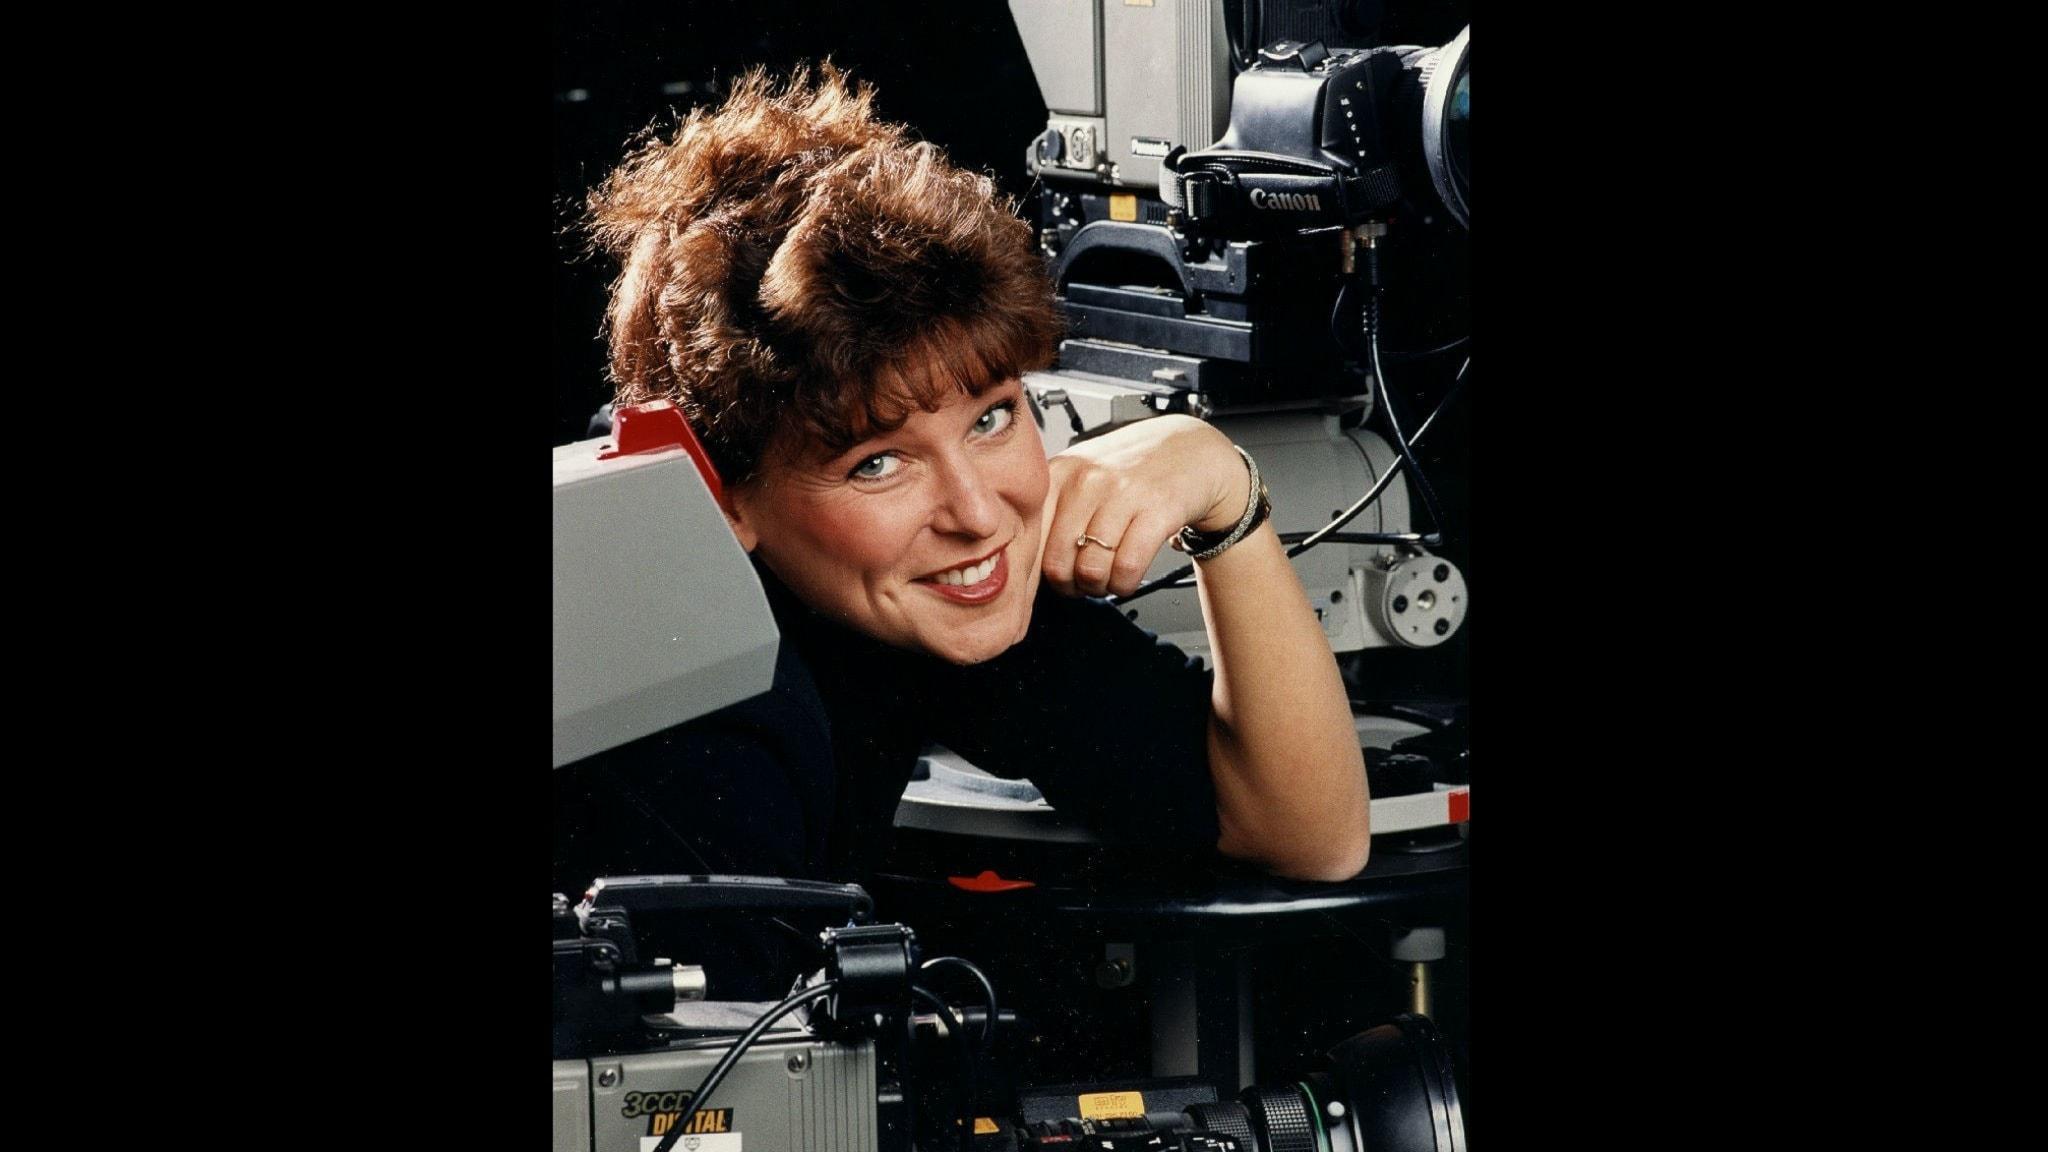 Hör Svensktoppen 1 oktober 1989 när Lotta Engberg intervjuas av Kent Finell!